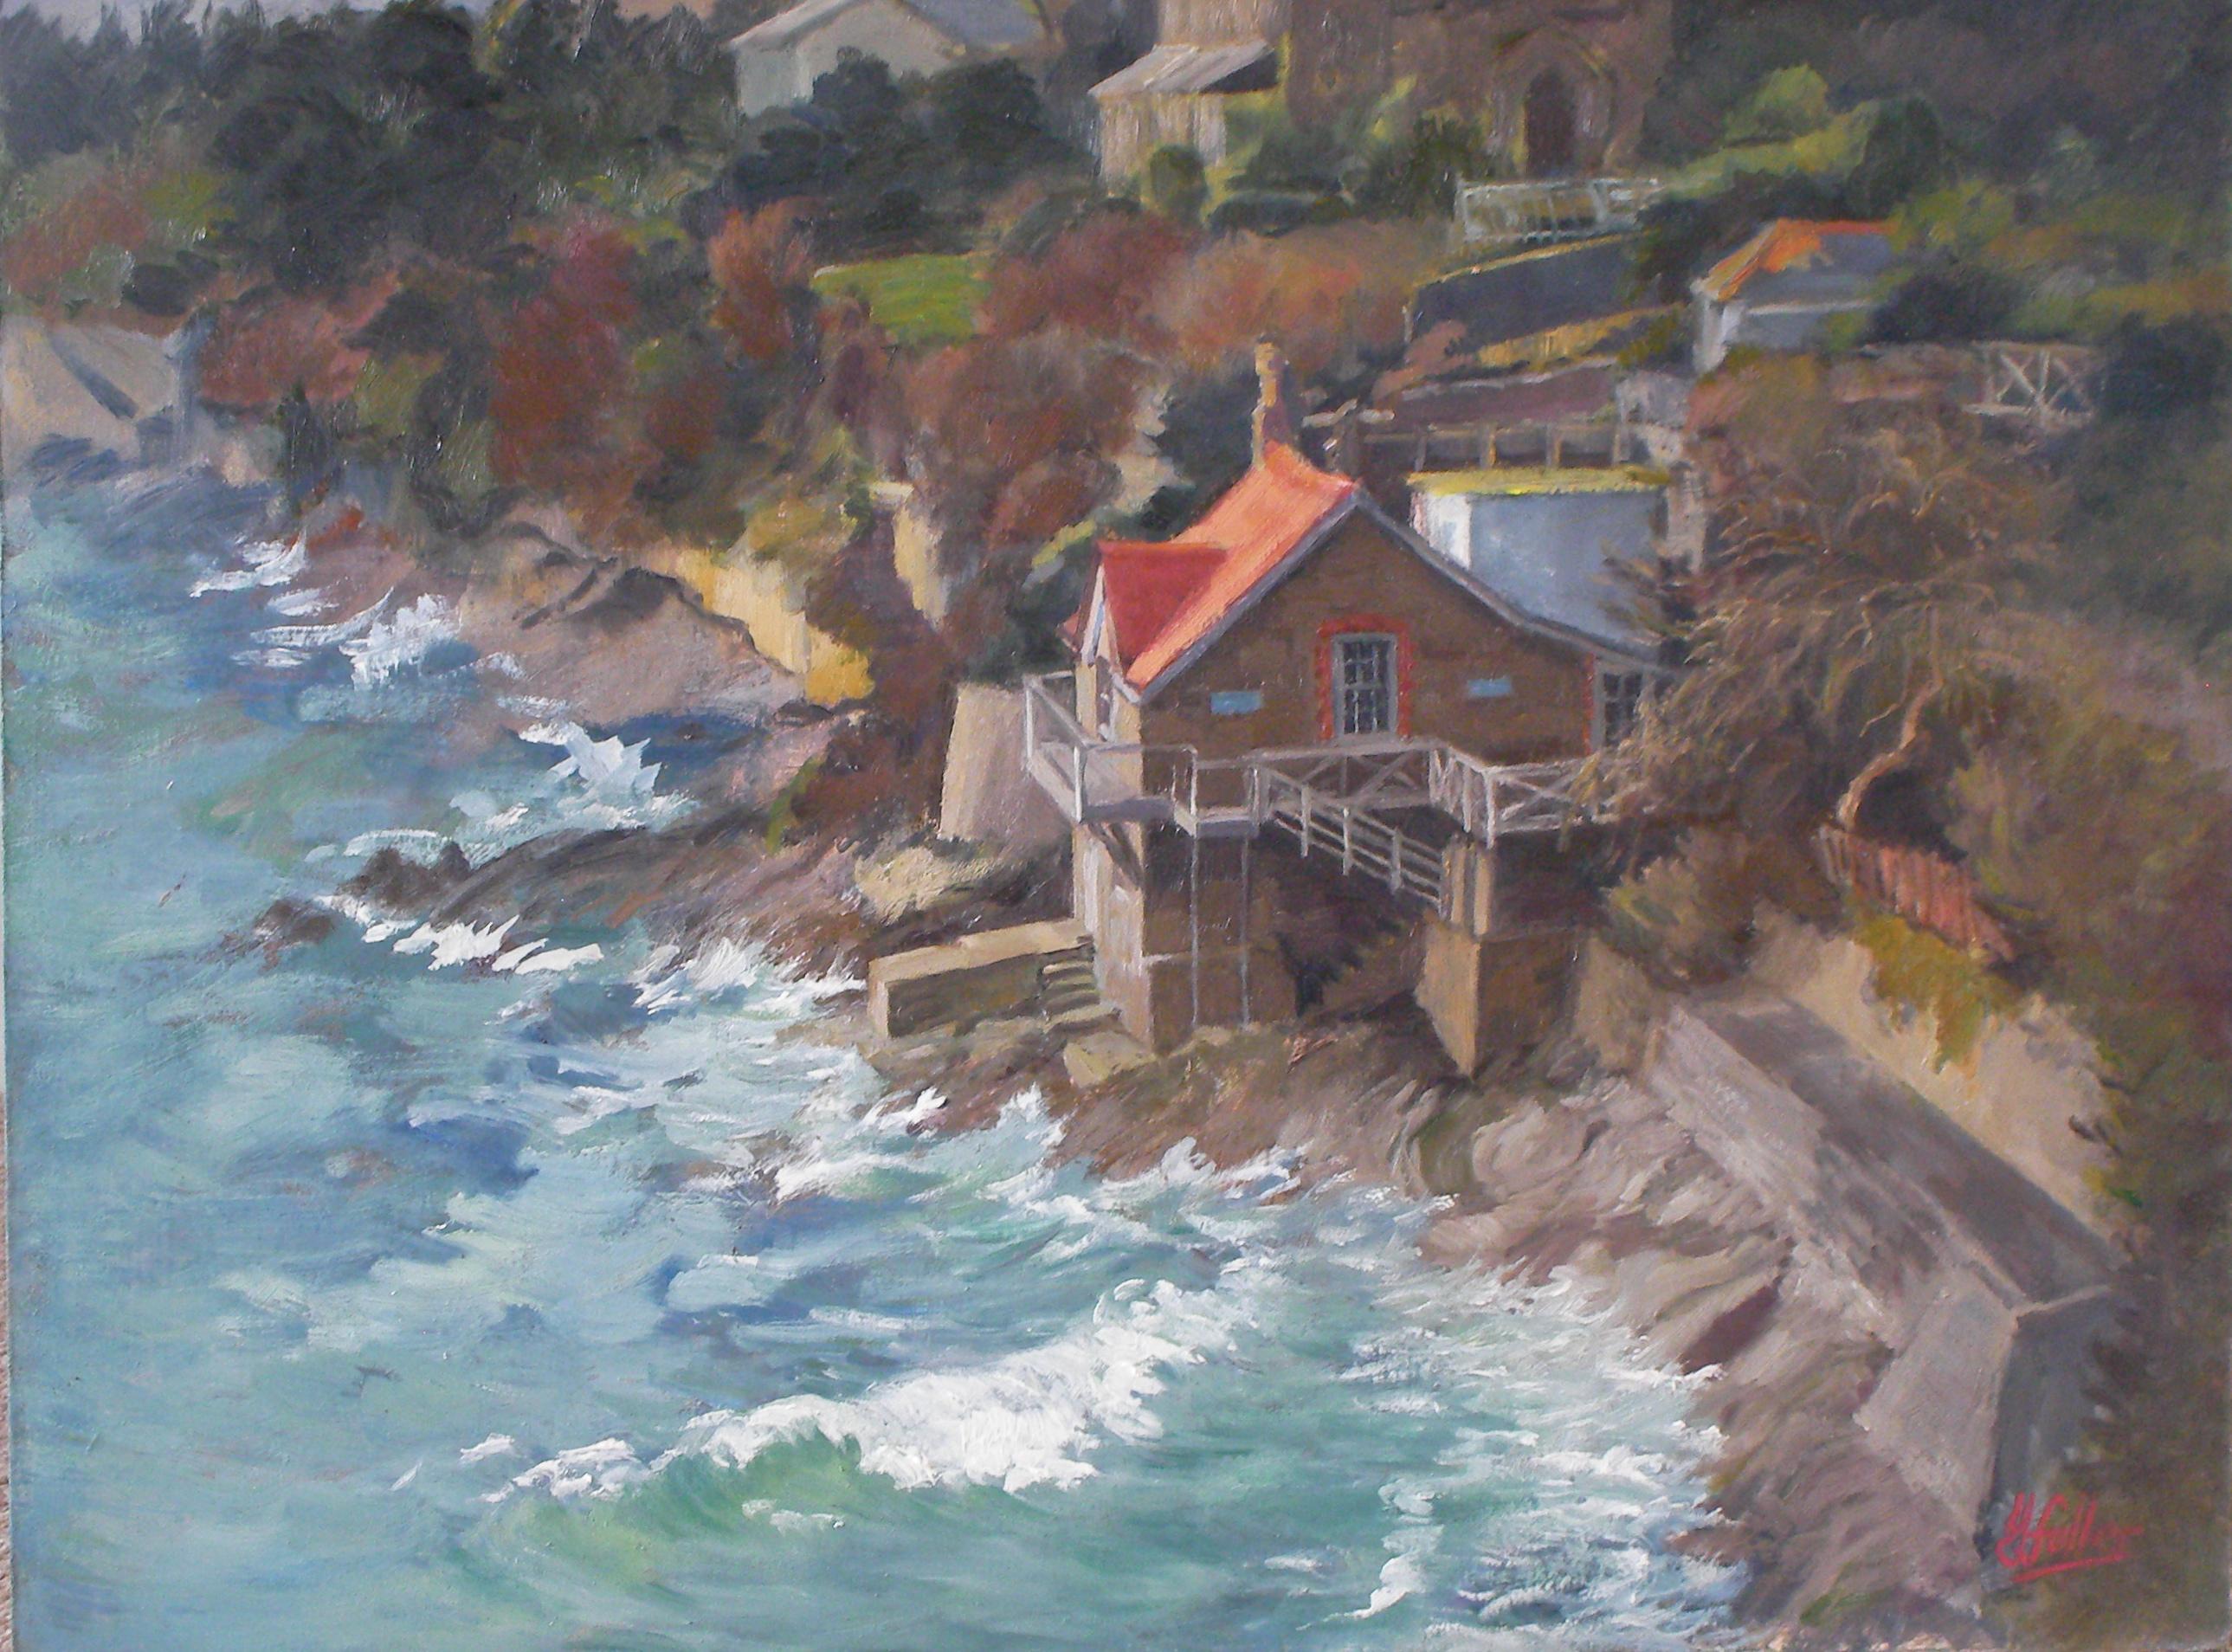 The Boathouse, rough sea 2014